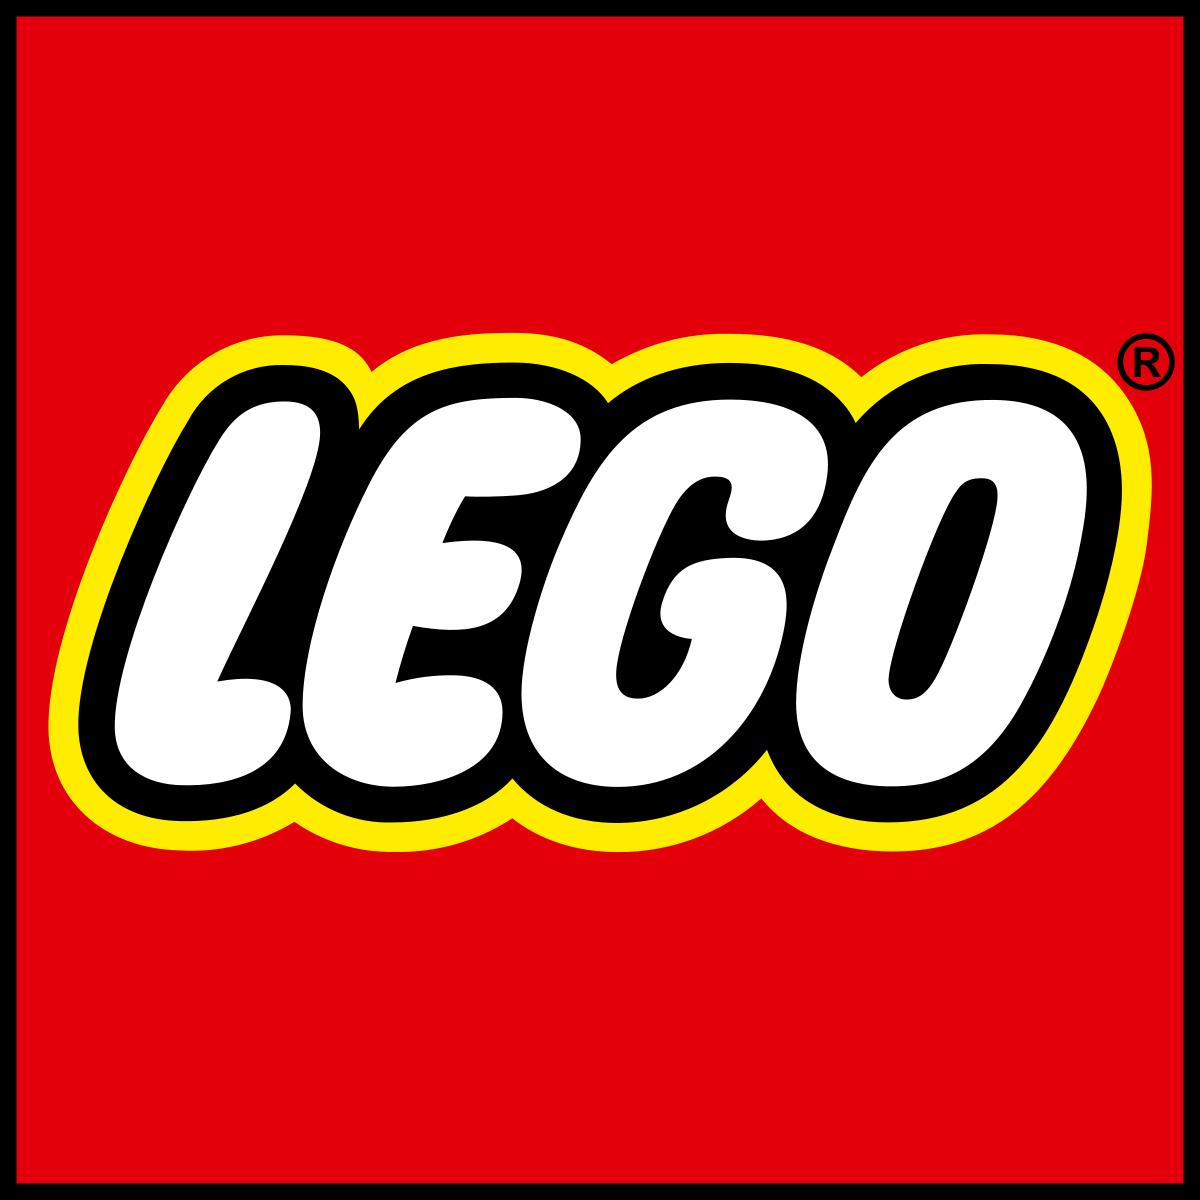 2x1 en algunos juegos Lego ps4 en Mediamarkt